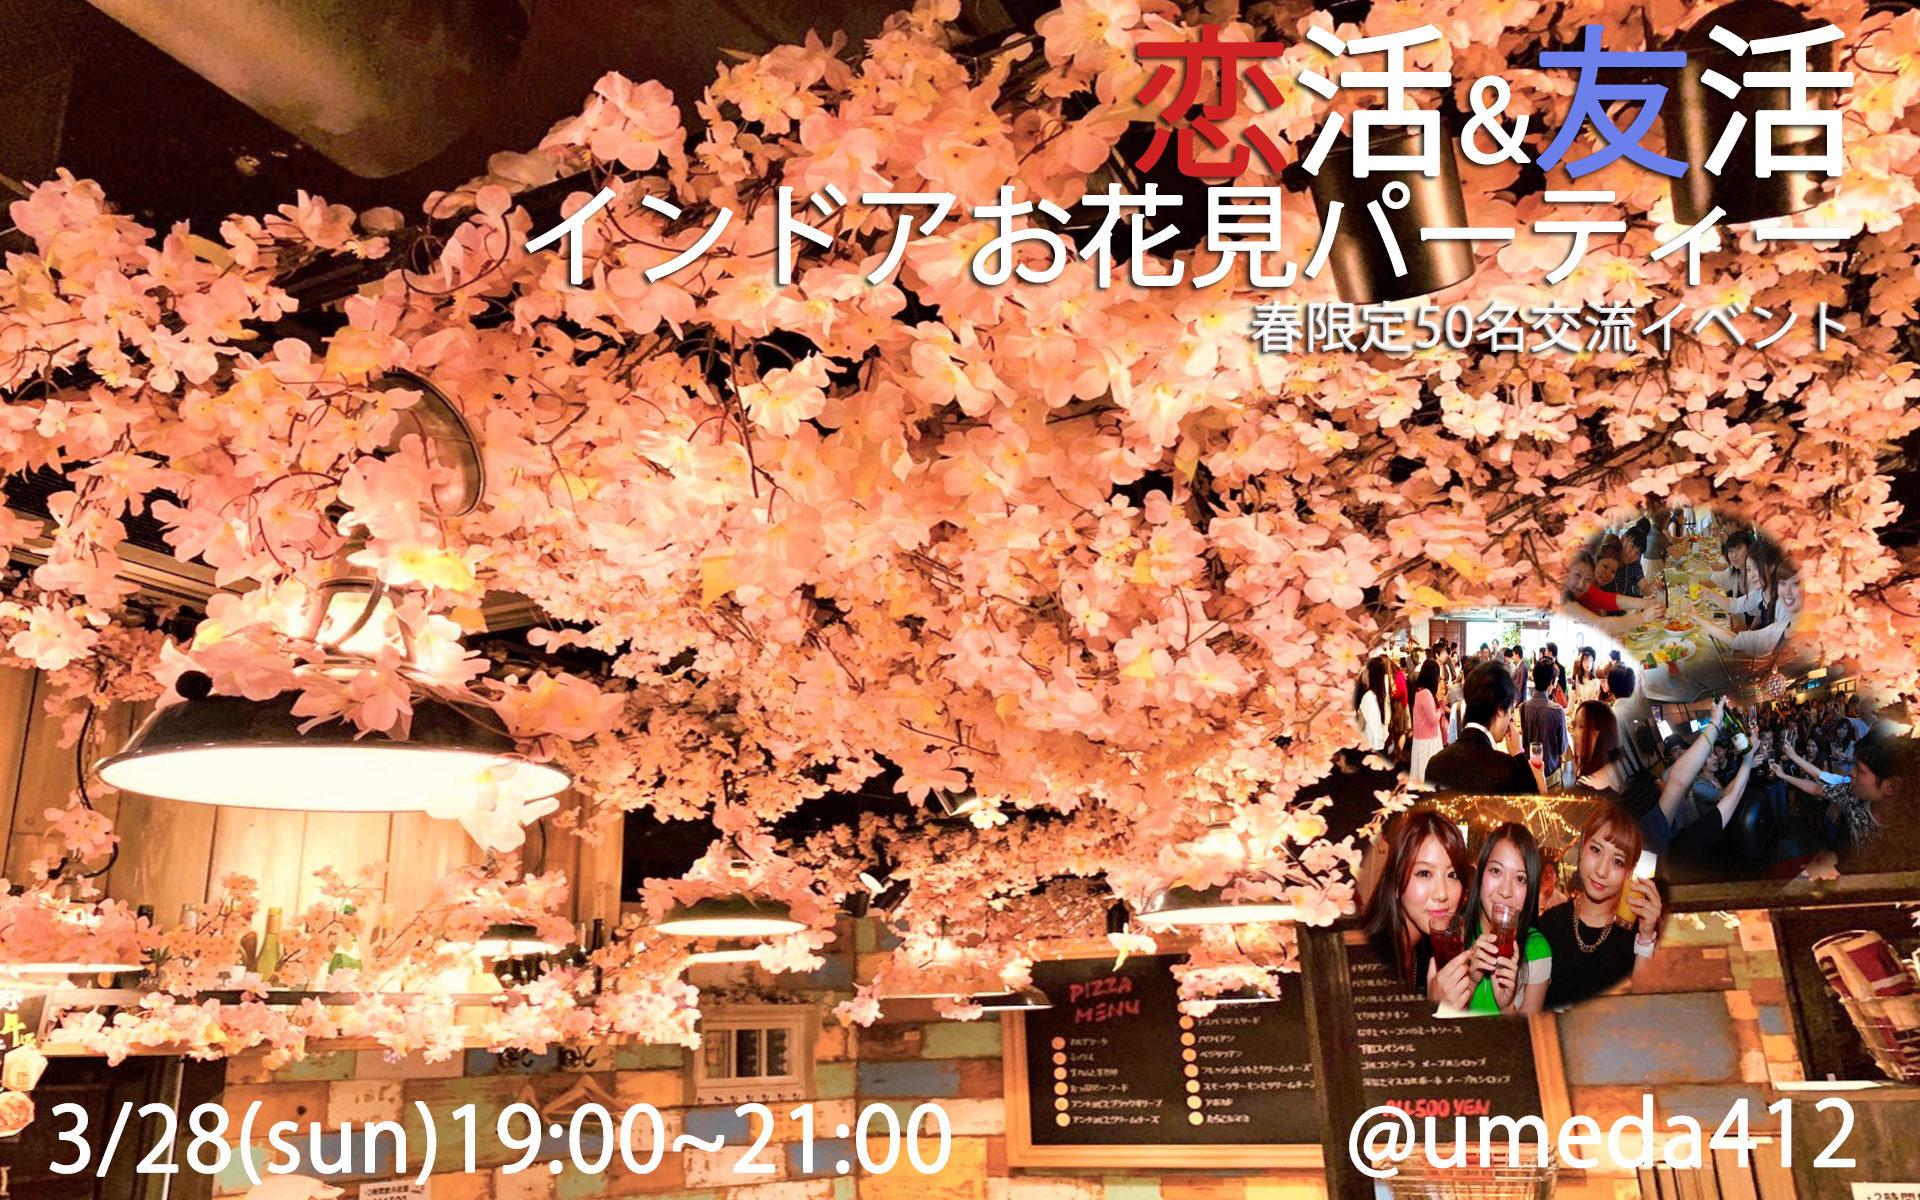 ◆3/28(日)【インドアお花見】50名規模♪誰でも参加しやすい室内お花見パーティーイベント♪気軽に友達や恋人を作りに来てください♪7割の方がお一人で初参加です!♪◆